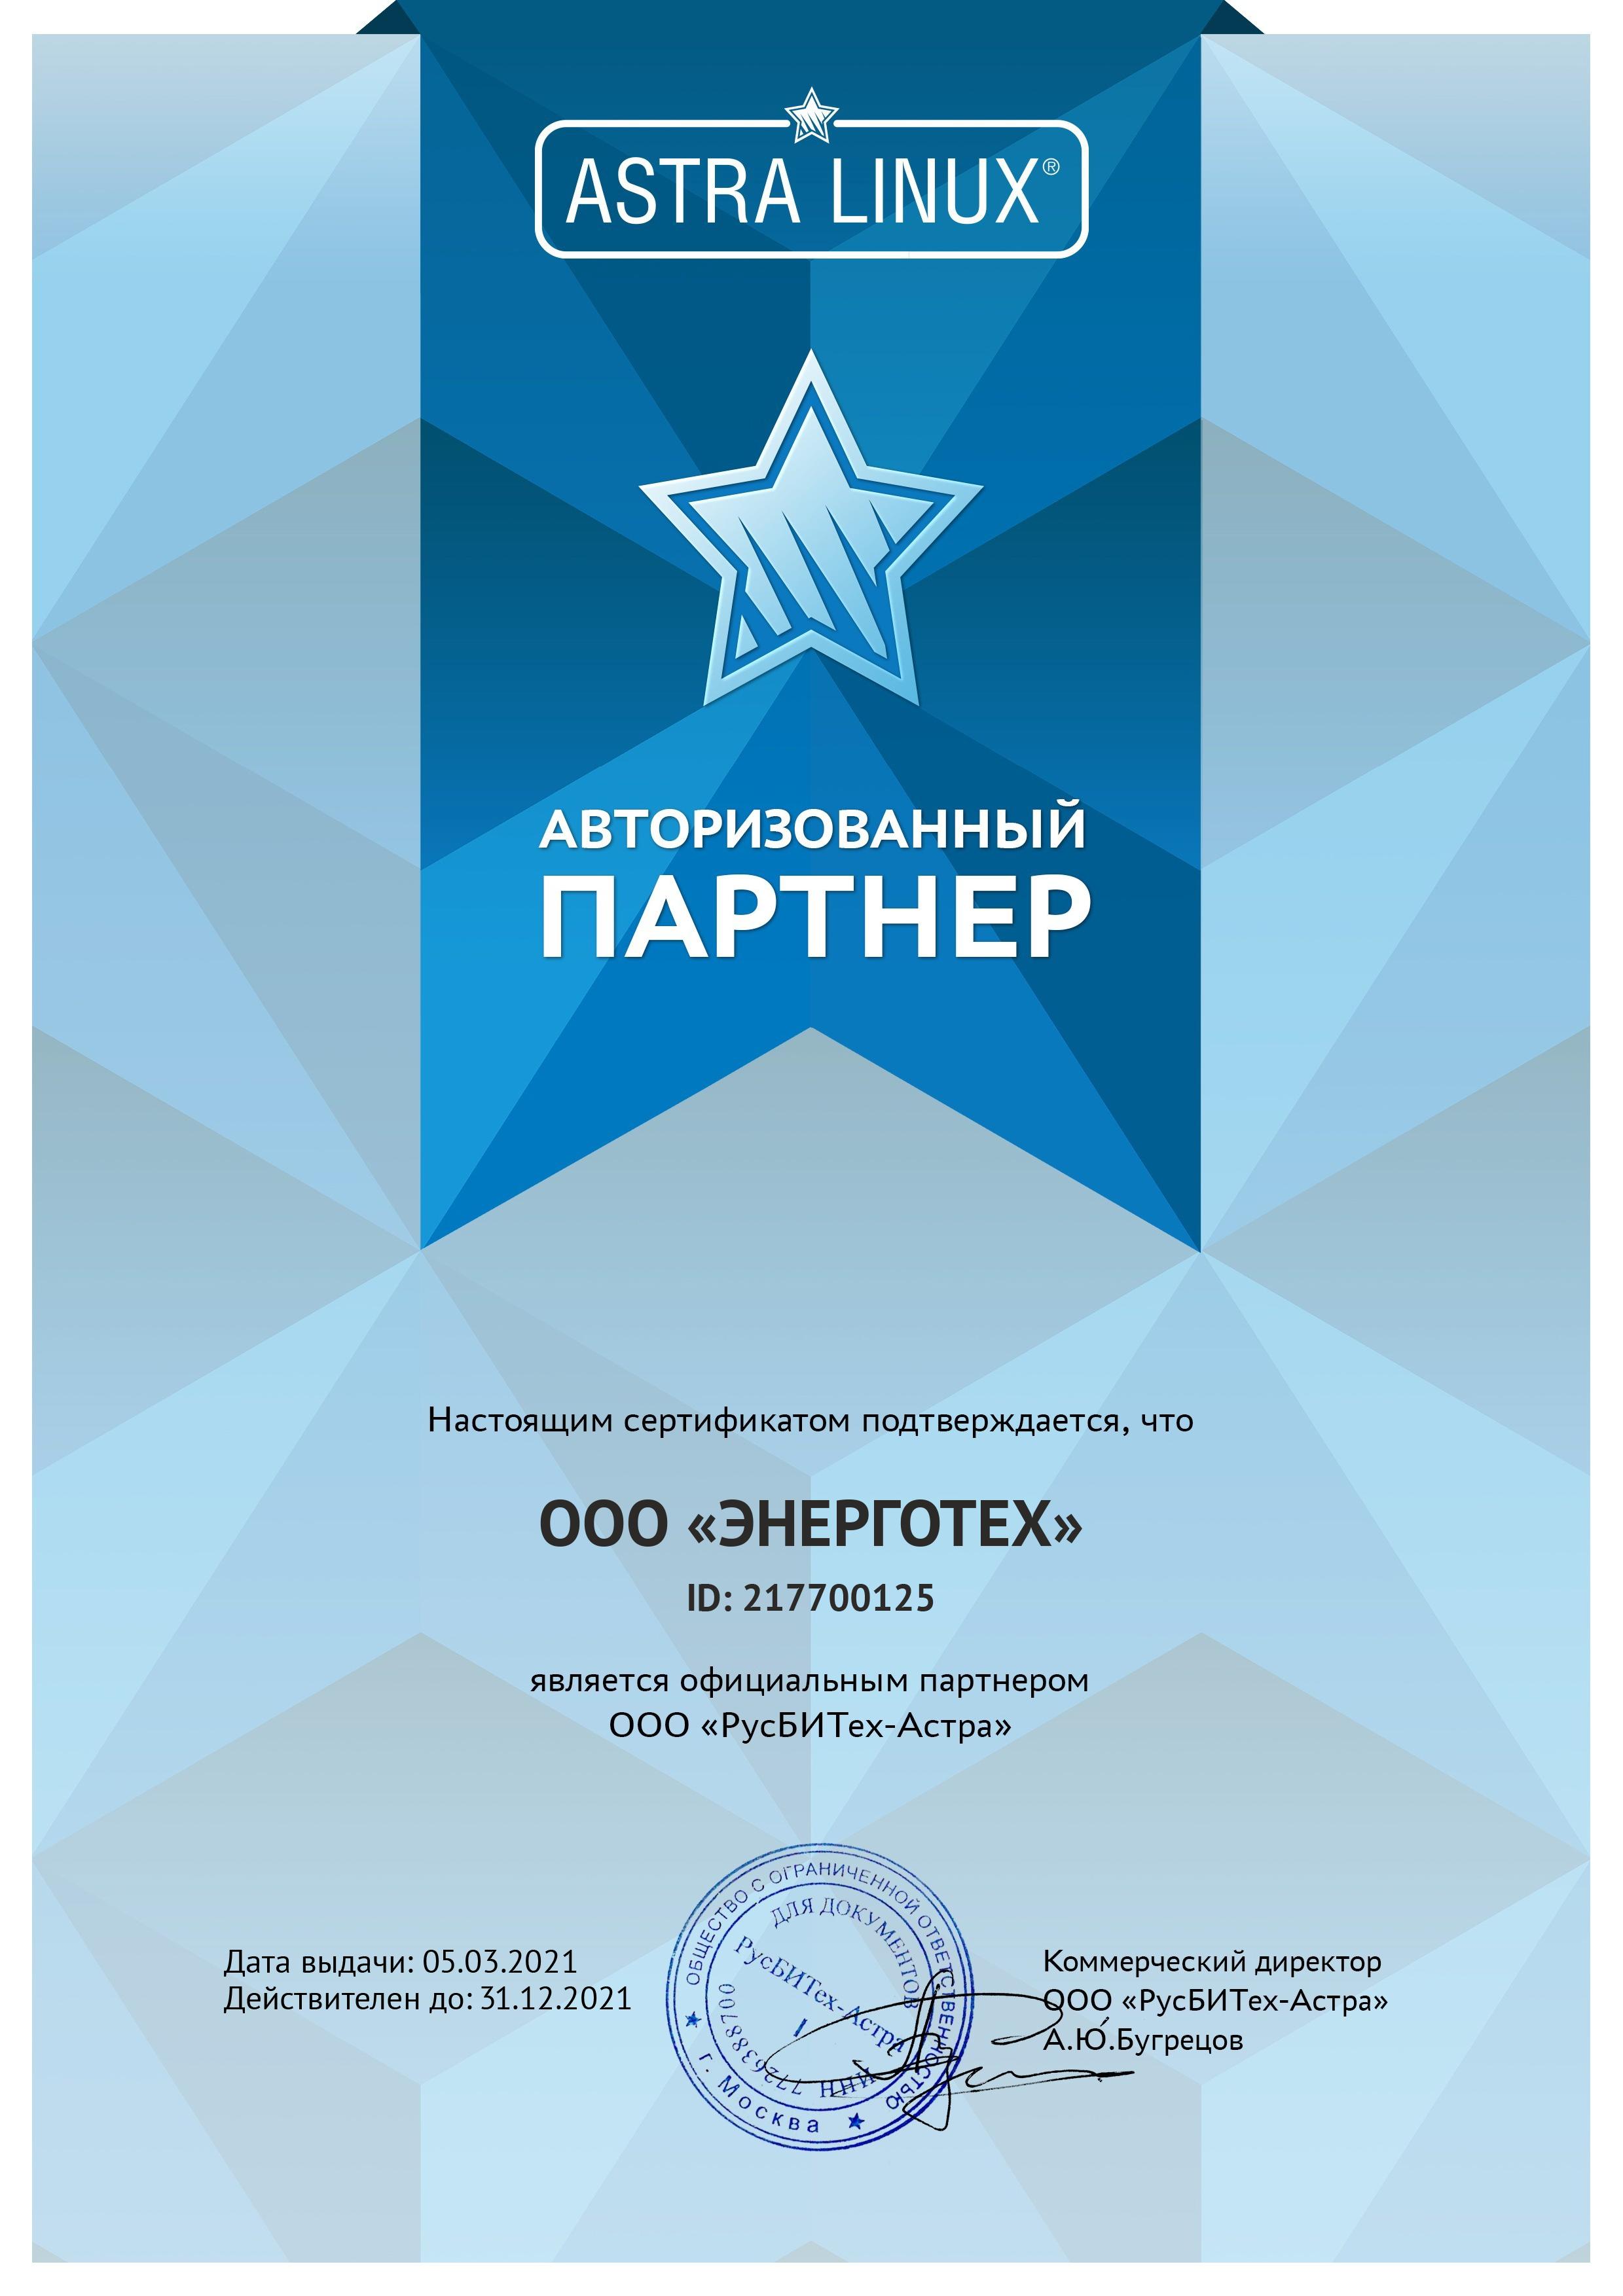 Сертификат партнера от компании Astro Linux